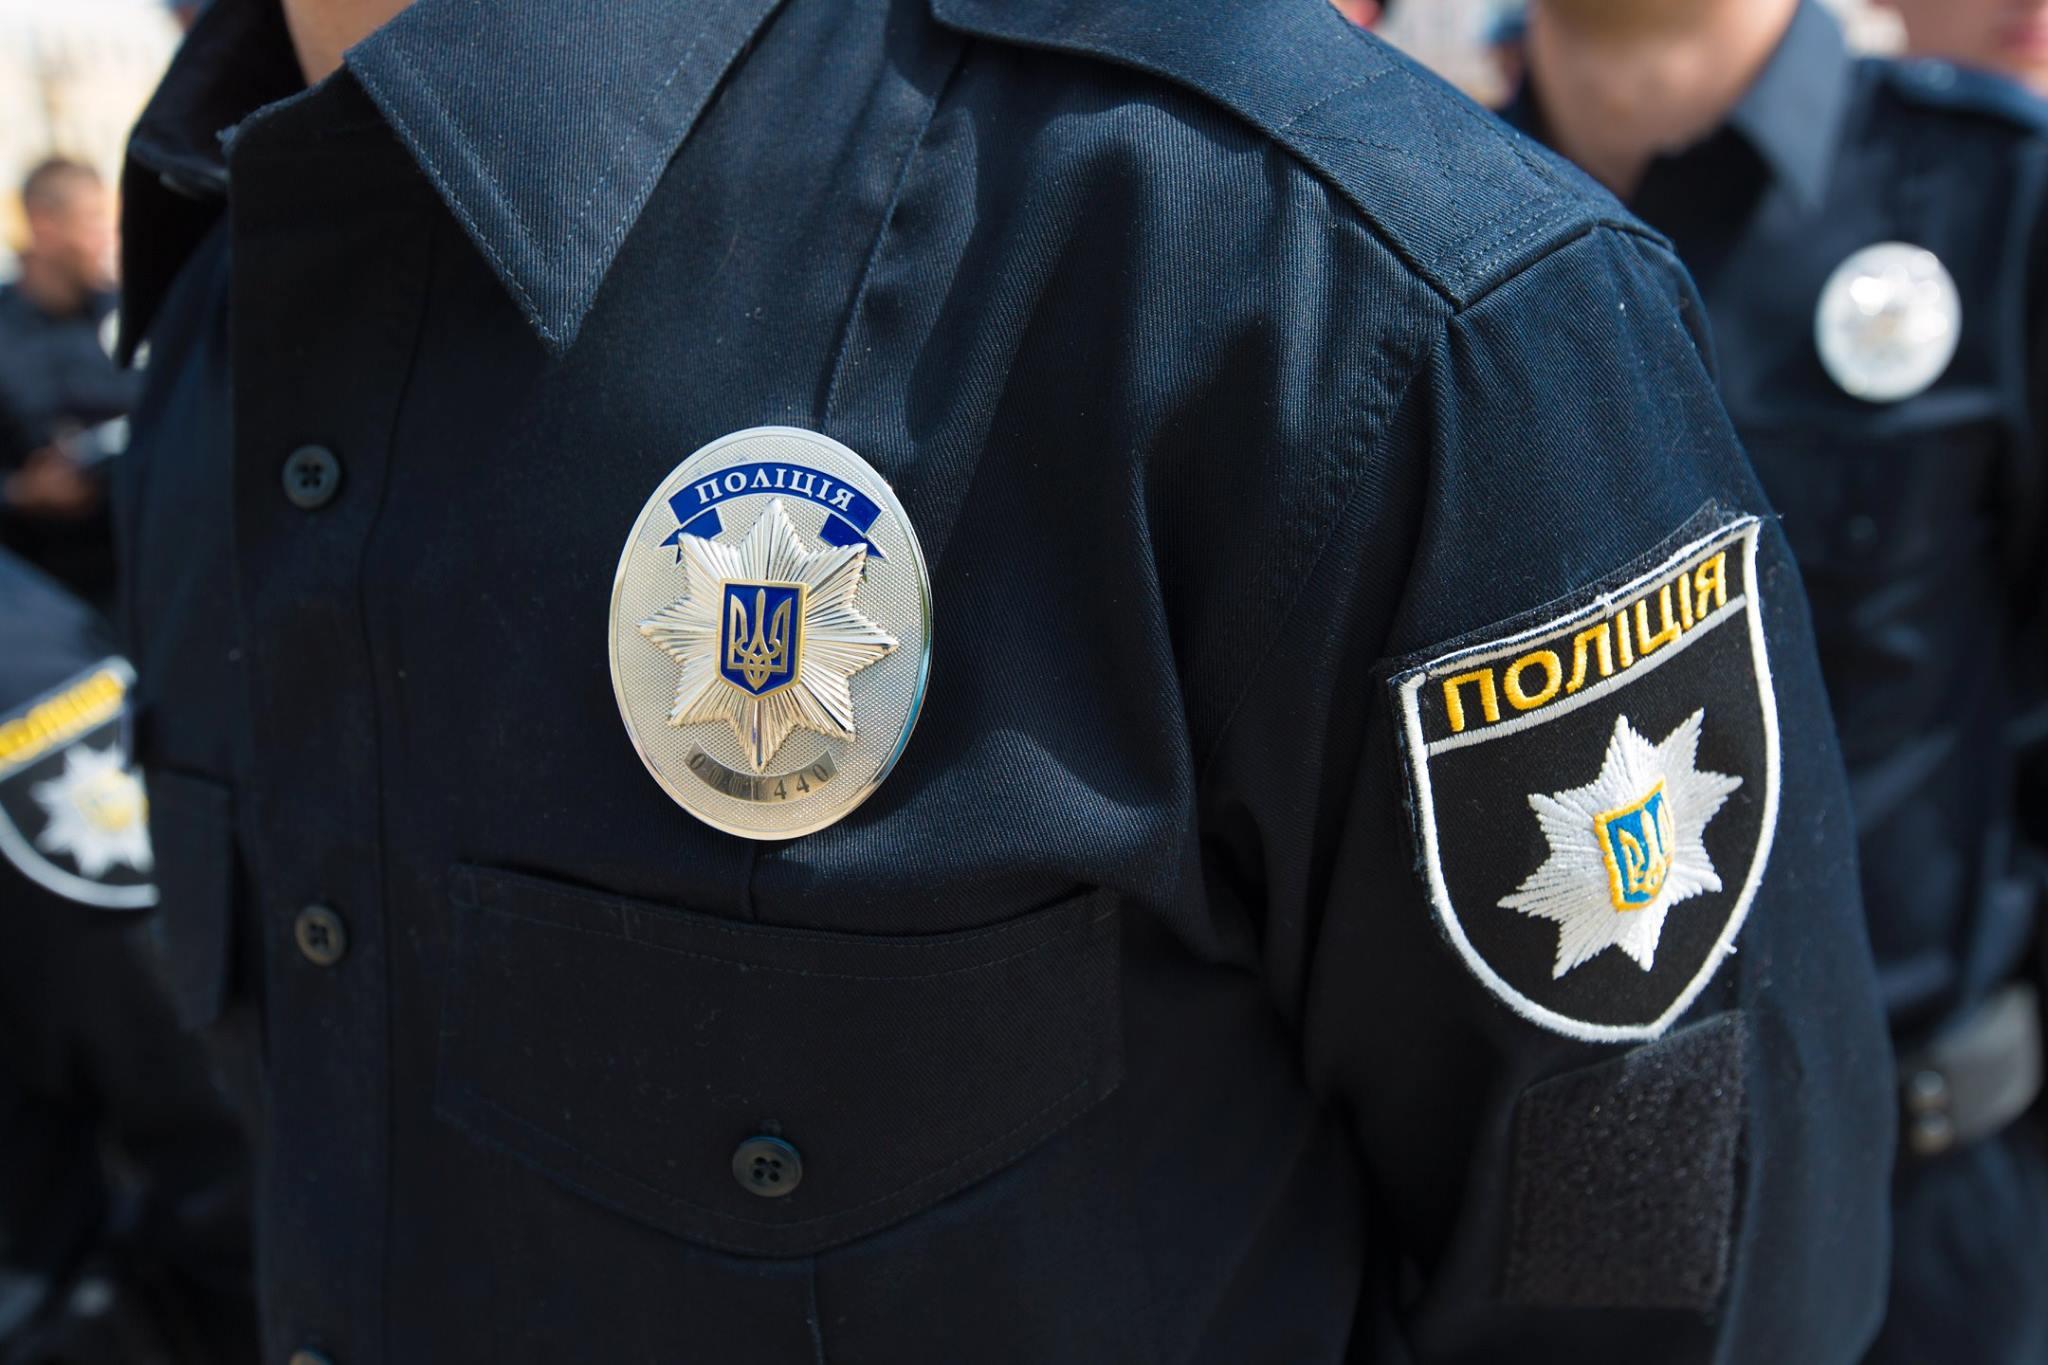 Харьковская полиция по факту перестрелки открыла производство по статье «хулиганство»